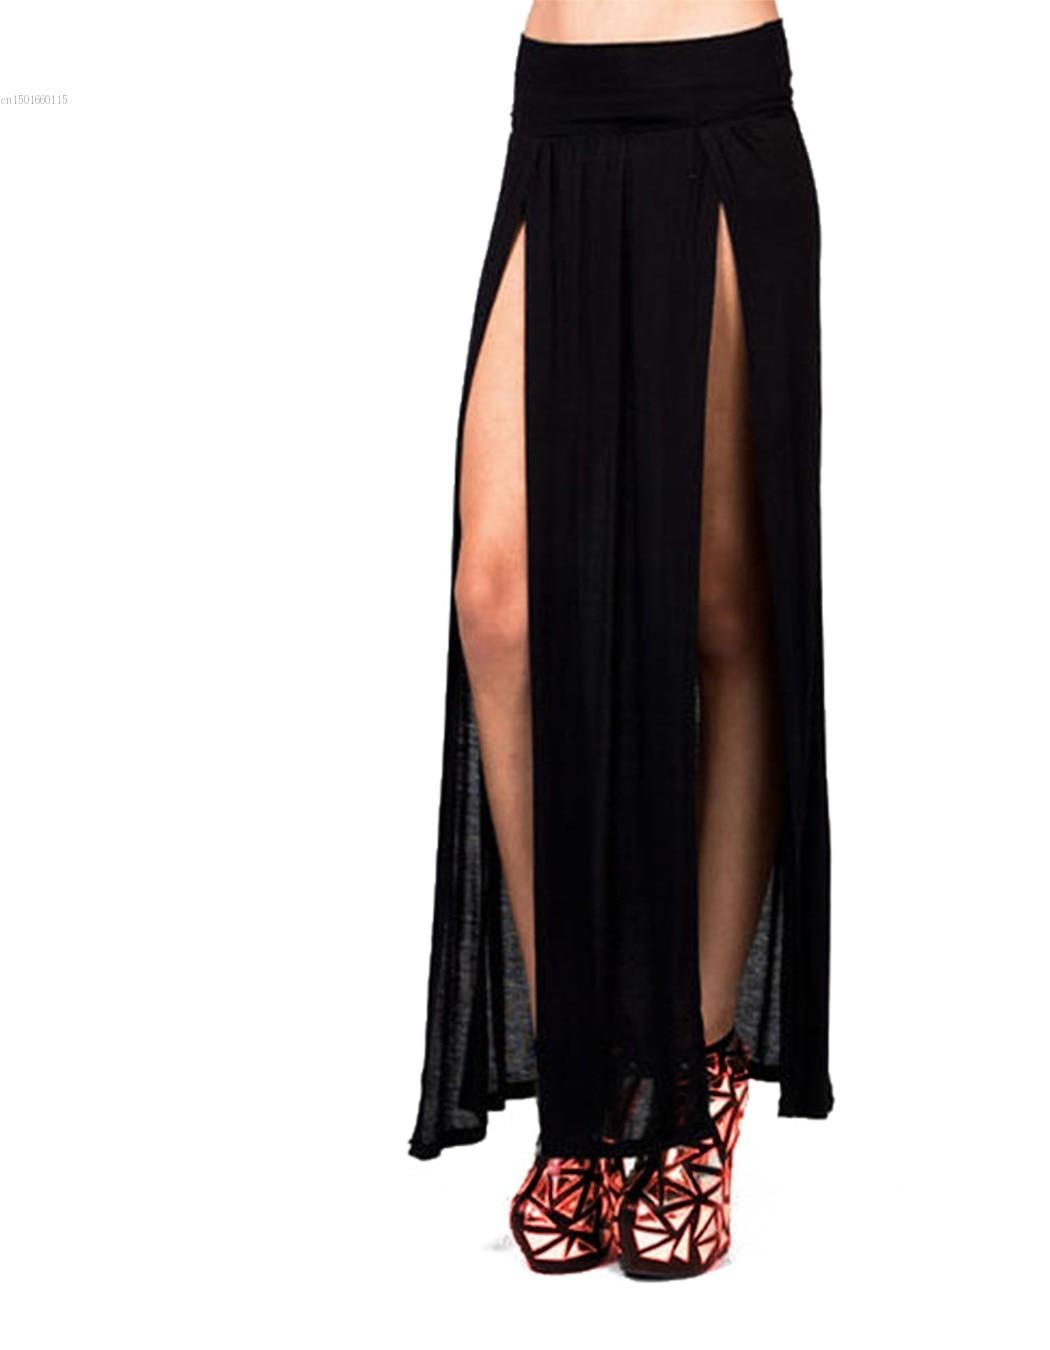 ea7321f35492b 2017 المرأة الصيف تنورة الأزياء جنسي طويل ماكسي التنانير تصميم فريد ...